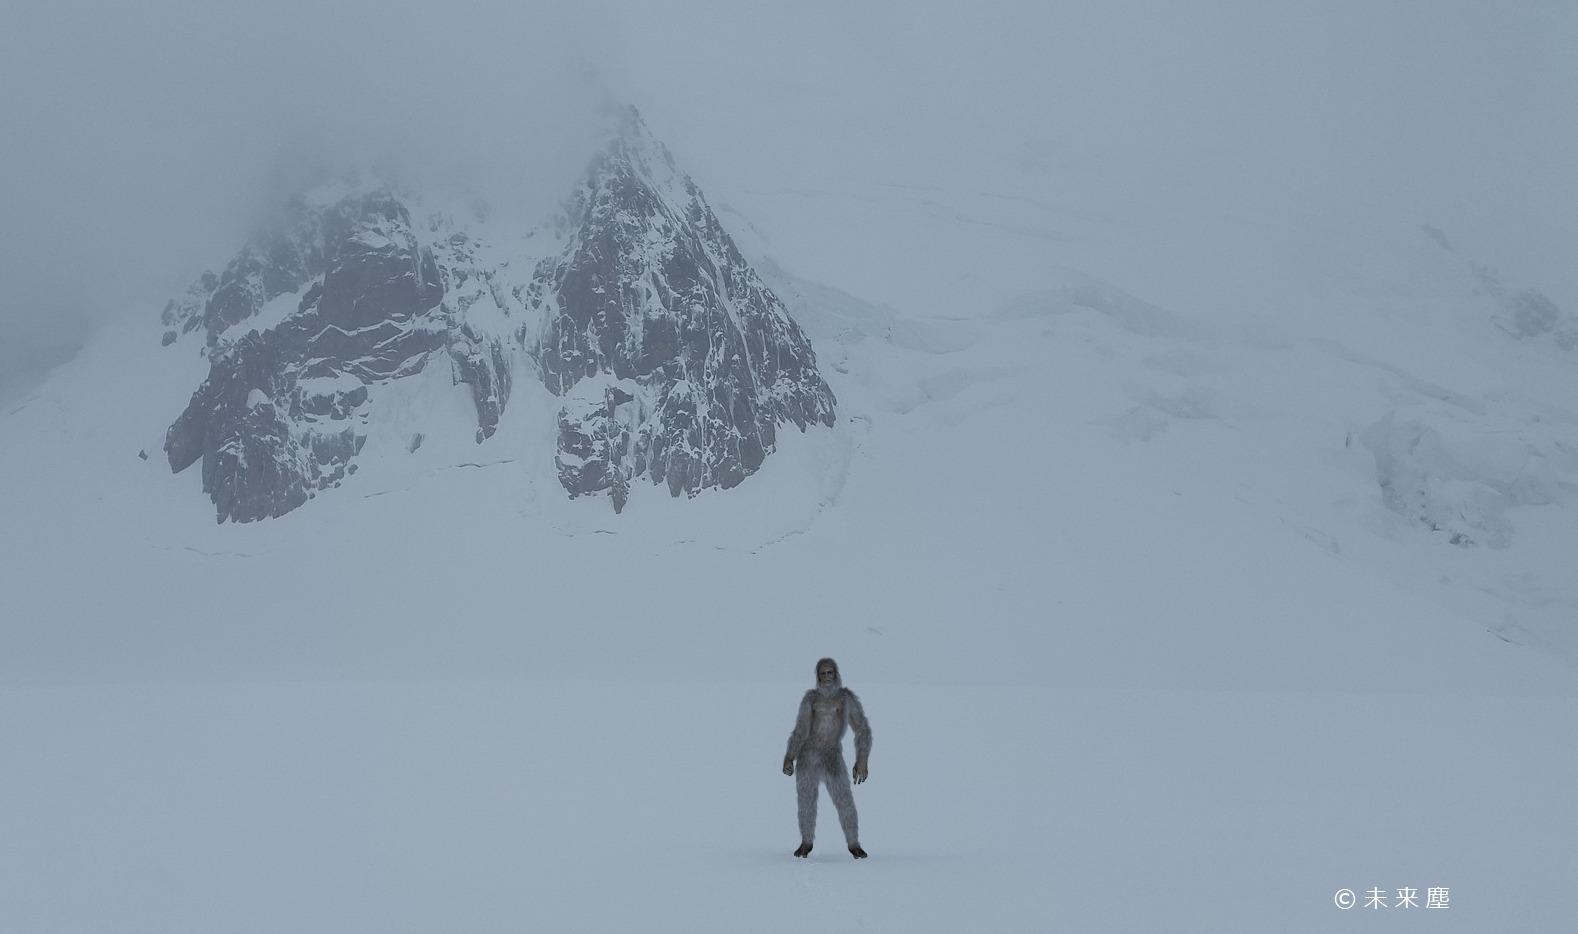 雪山の雪男